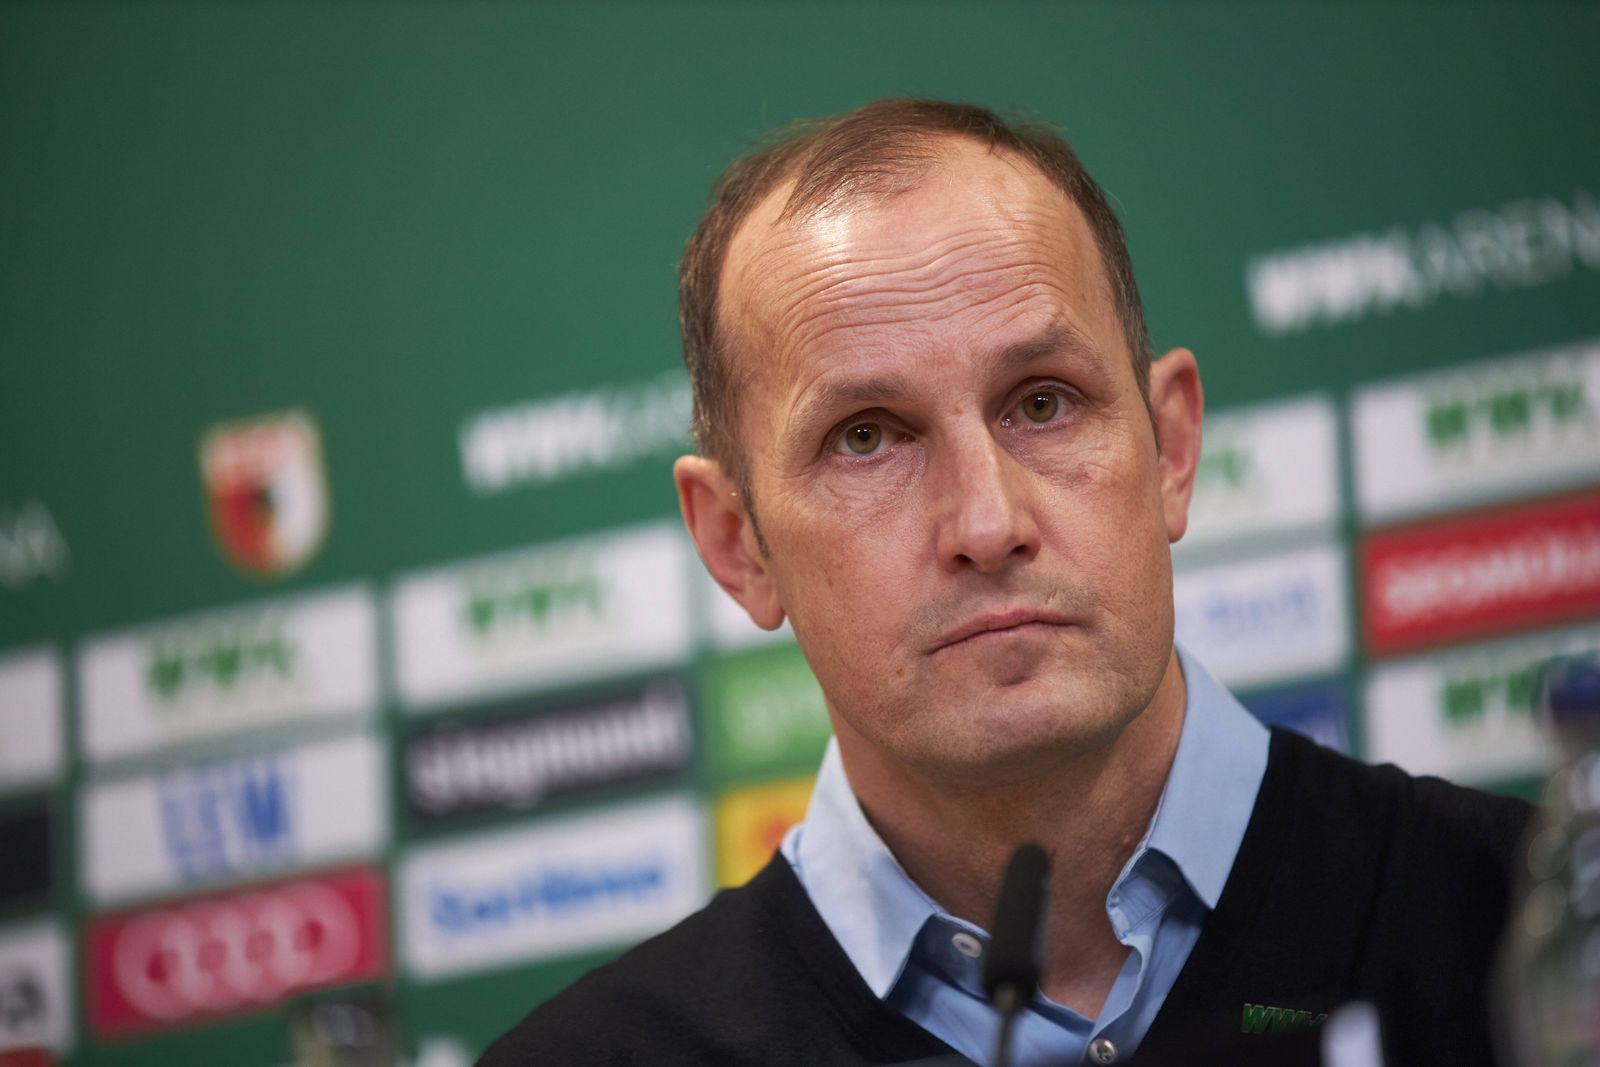 FC Augsburg stellt Heiko Herrlich als neuen Trainer vor, *** FC Augsburg introduces Heiko Herrlich as new coach,